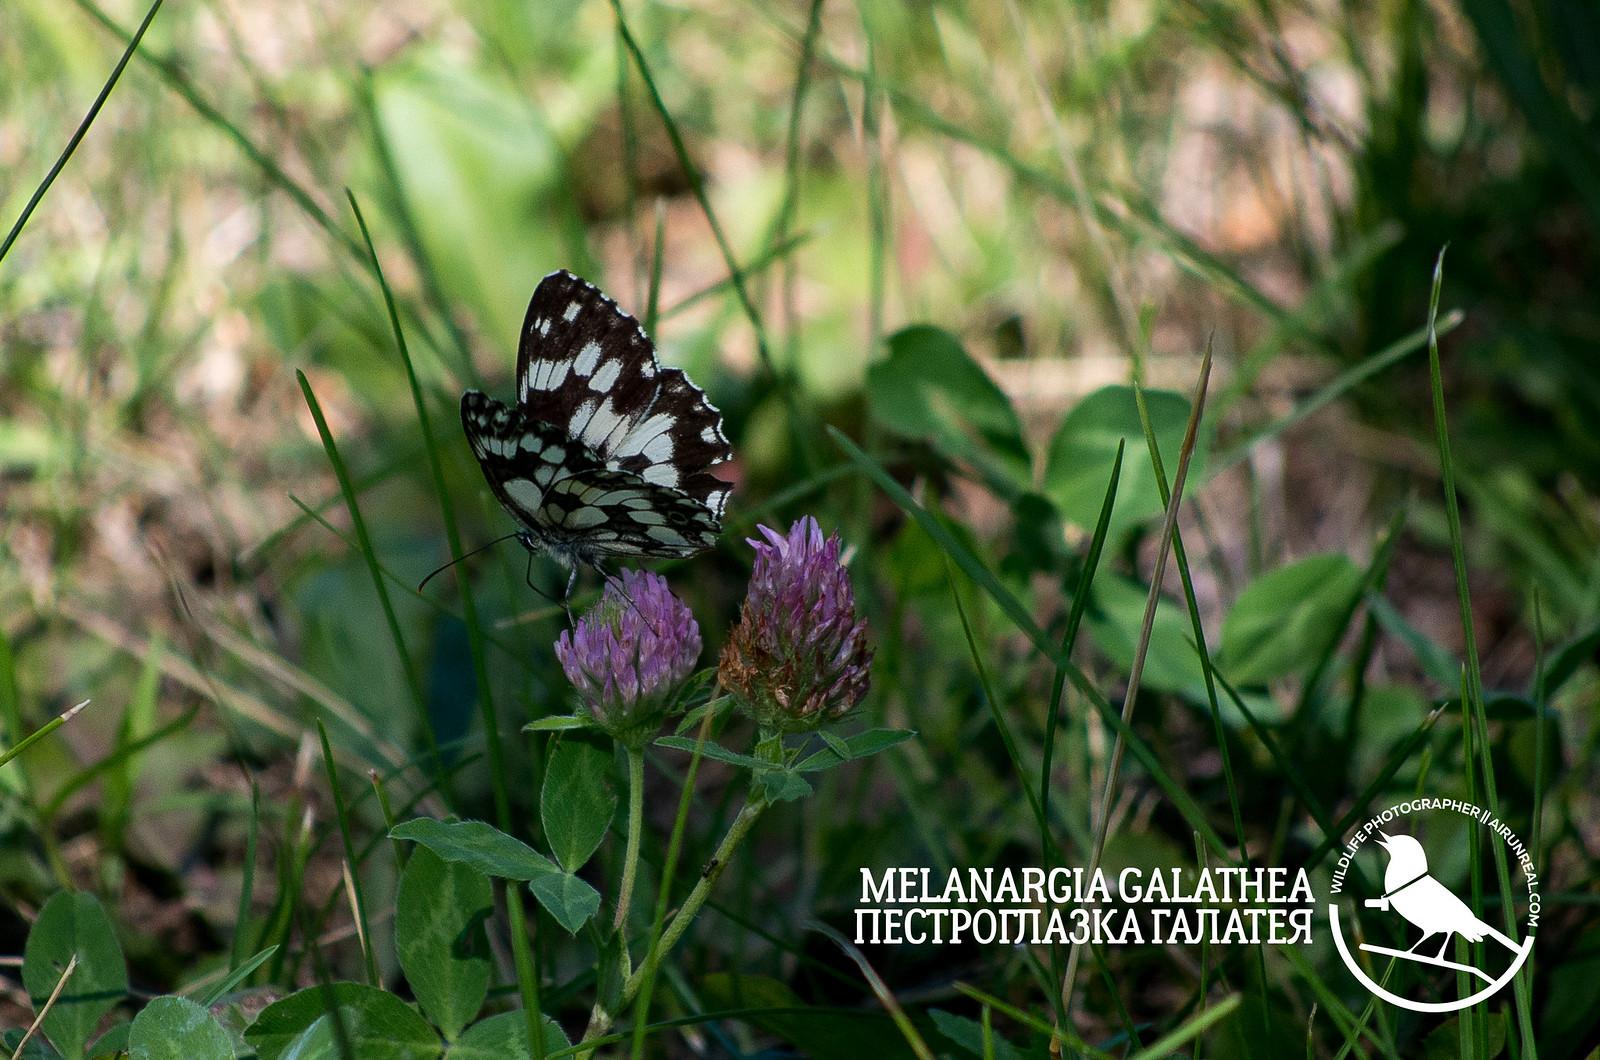 Melanargia galathea // 20170430